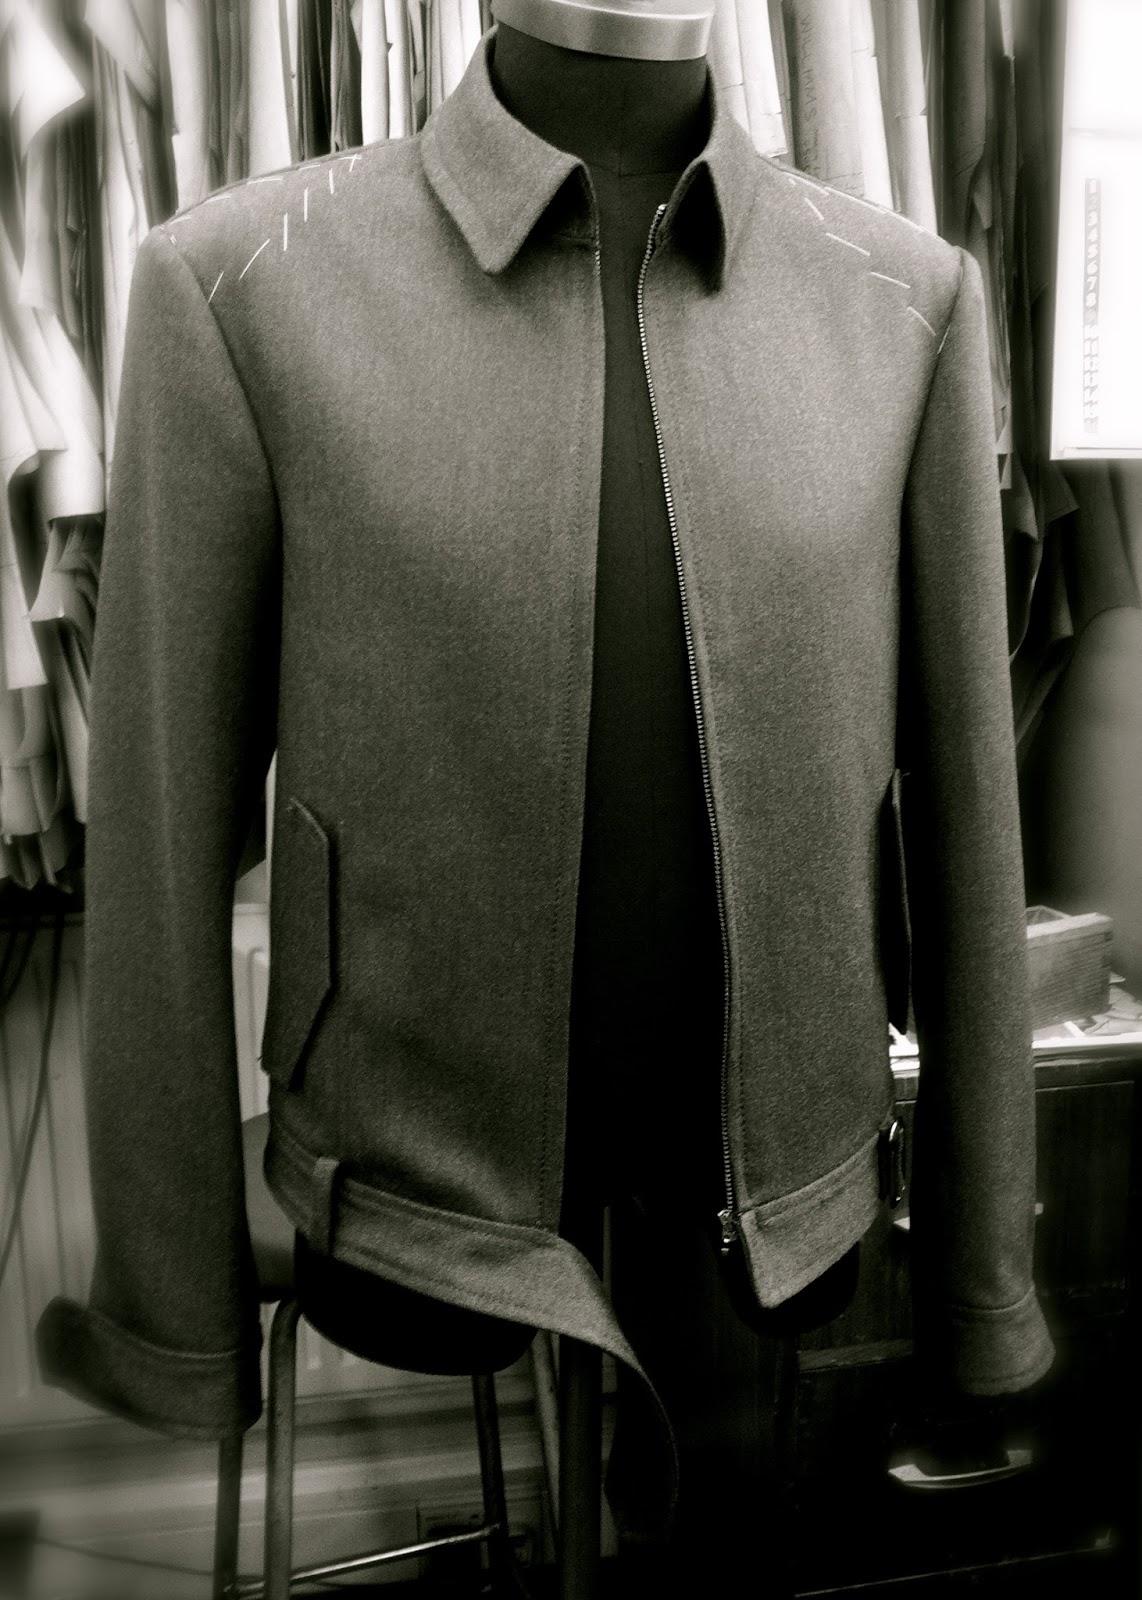 Bespoke leather jackets